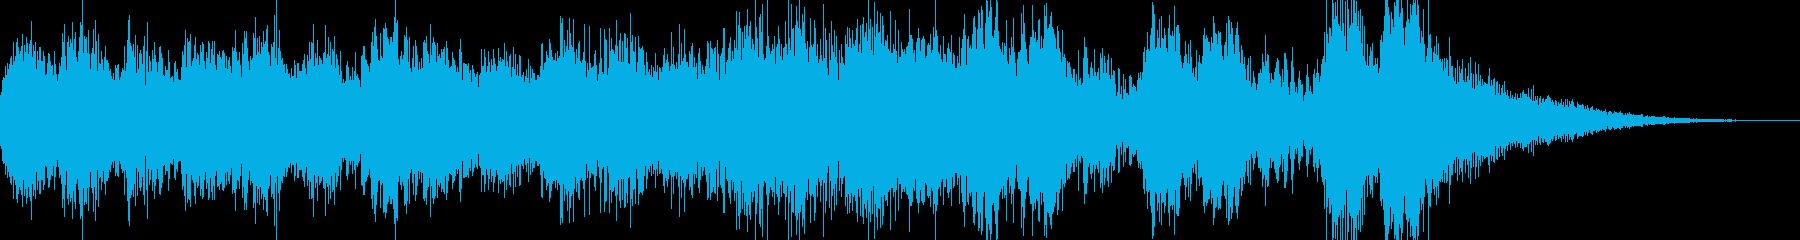 オーケストラ調のジングルです。の再生済みの波形